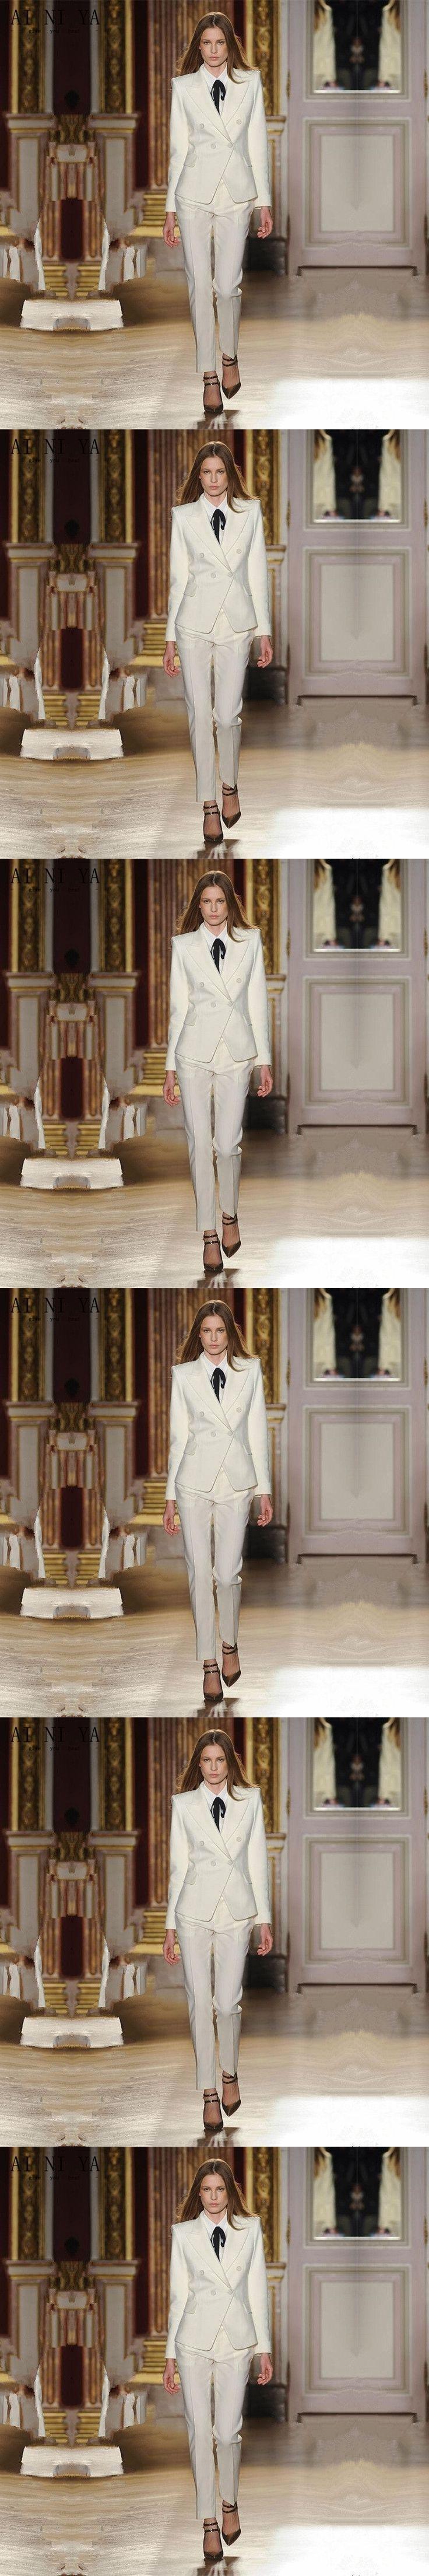 women formal suit wome business pants suits for women office uniform designs women womens business suits office uniform designs #suitingwomen #officedesignsbusiness